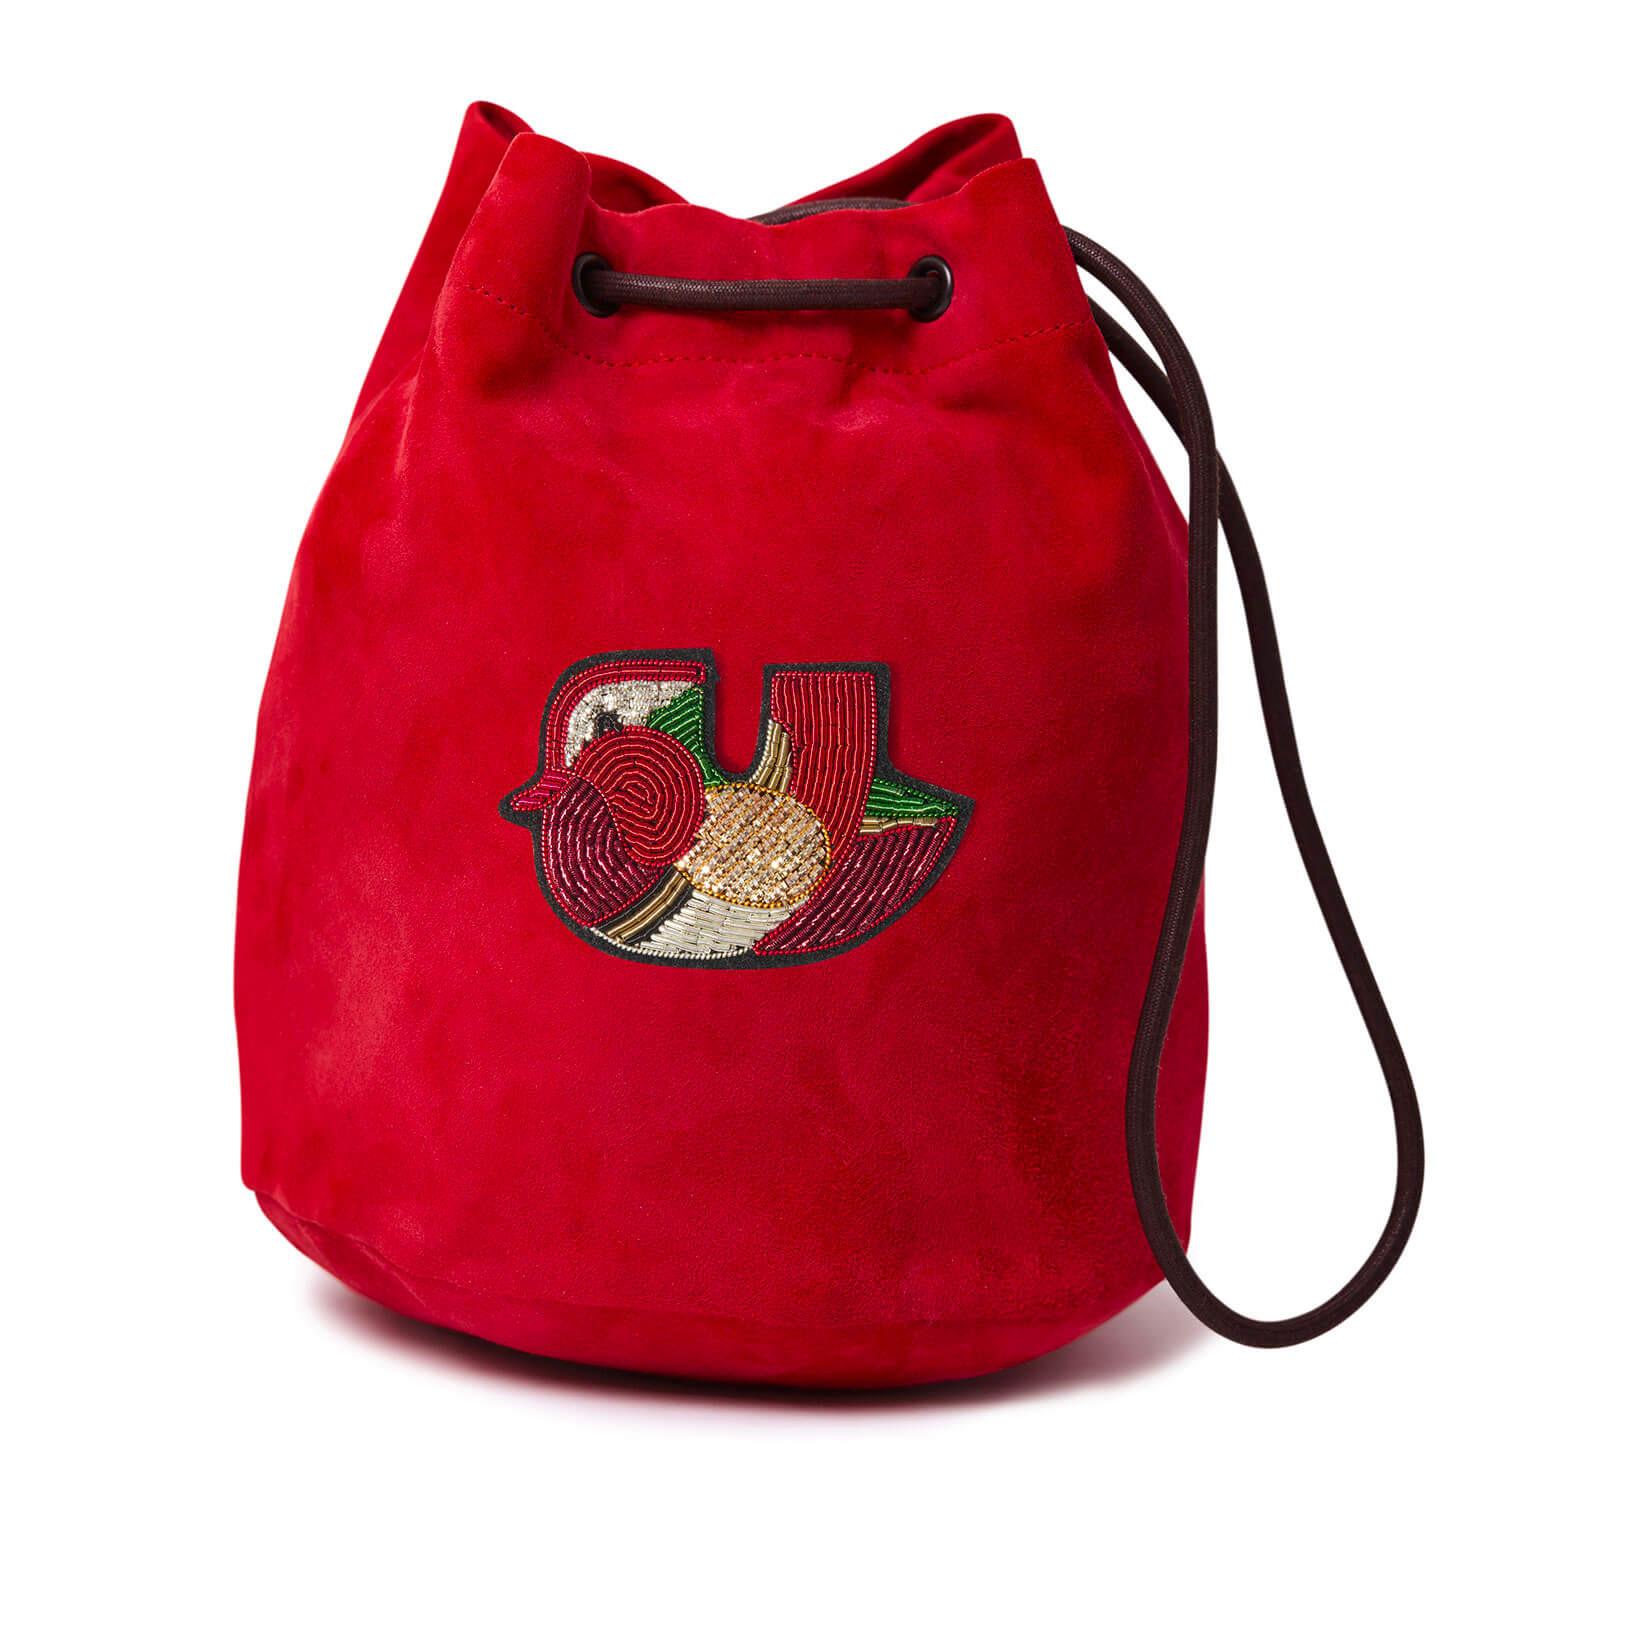 印度丝手工刺绣红色小鸭子背包,我们带山羊绒的背包将在任何地方陪伴您